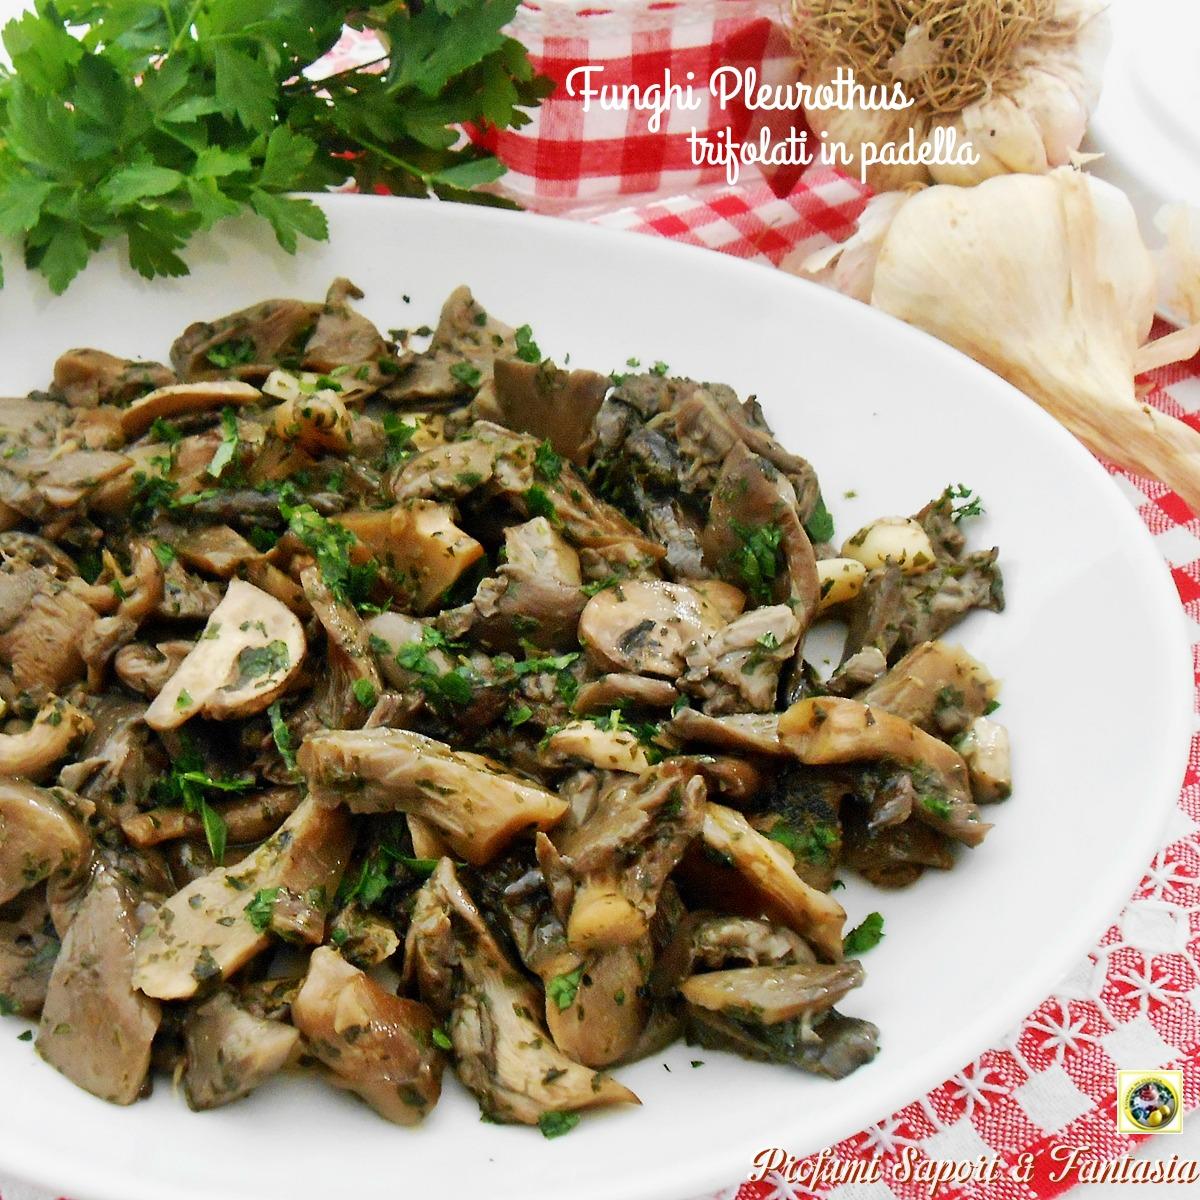 Ricette per cucinare i funghi pleurotus le migliori - Ricette per cucinare ...